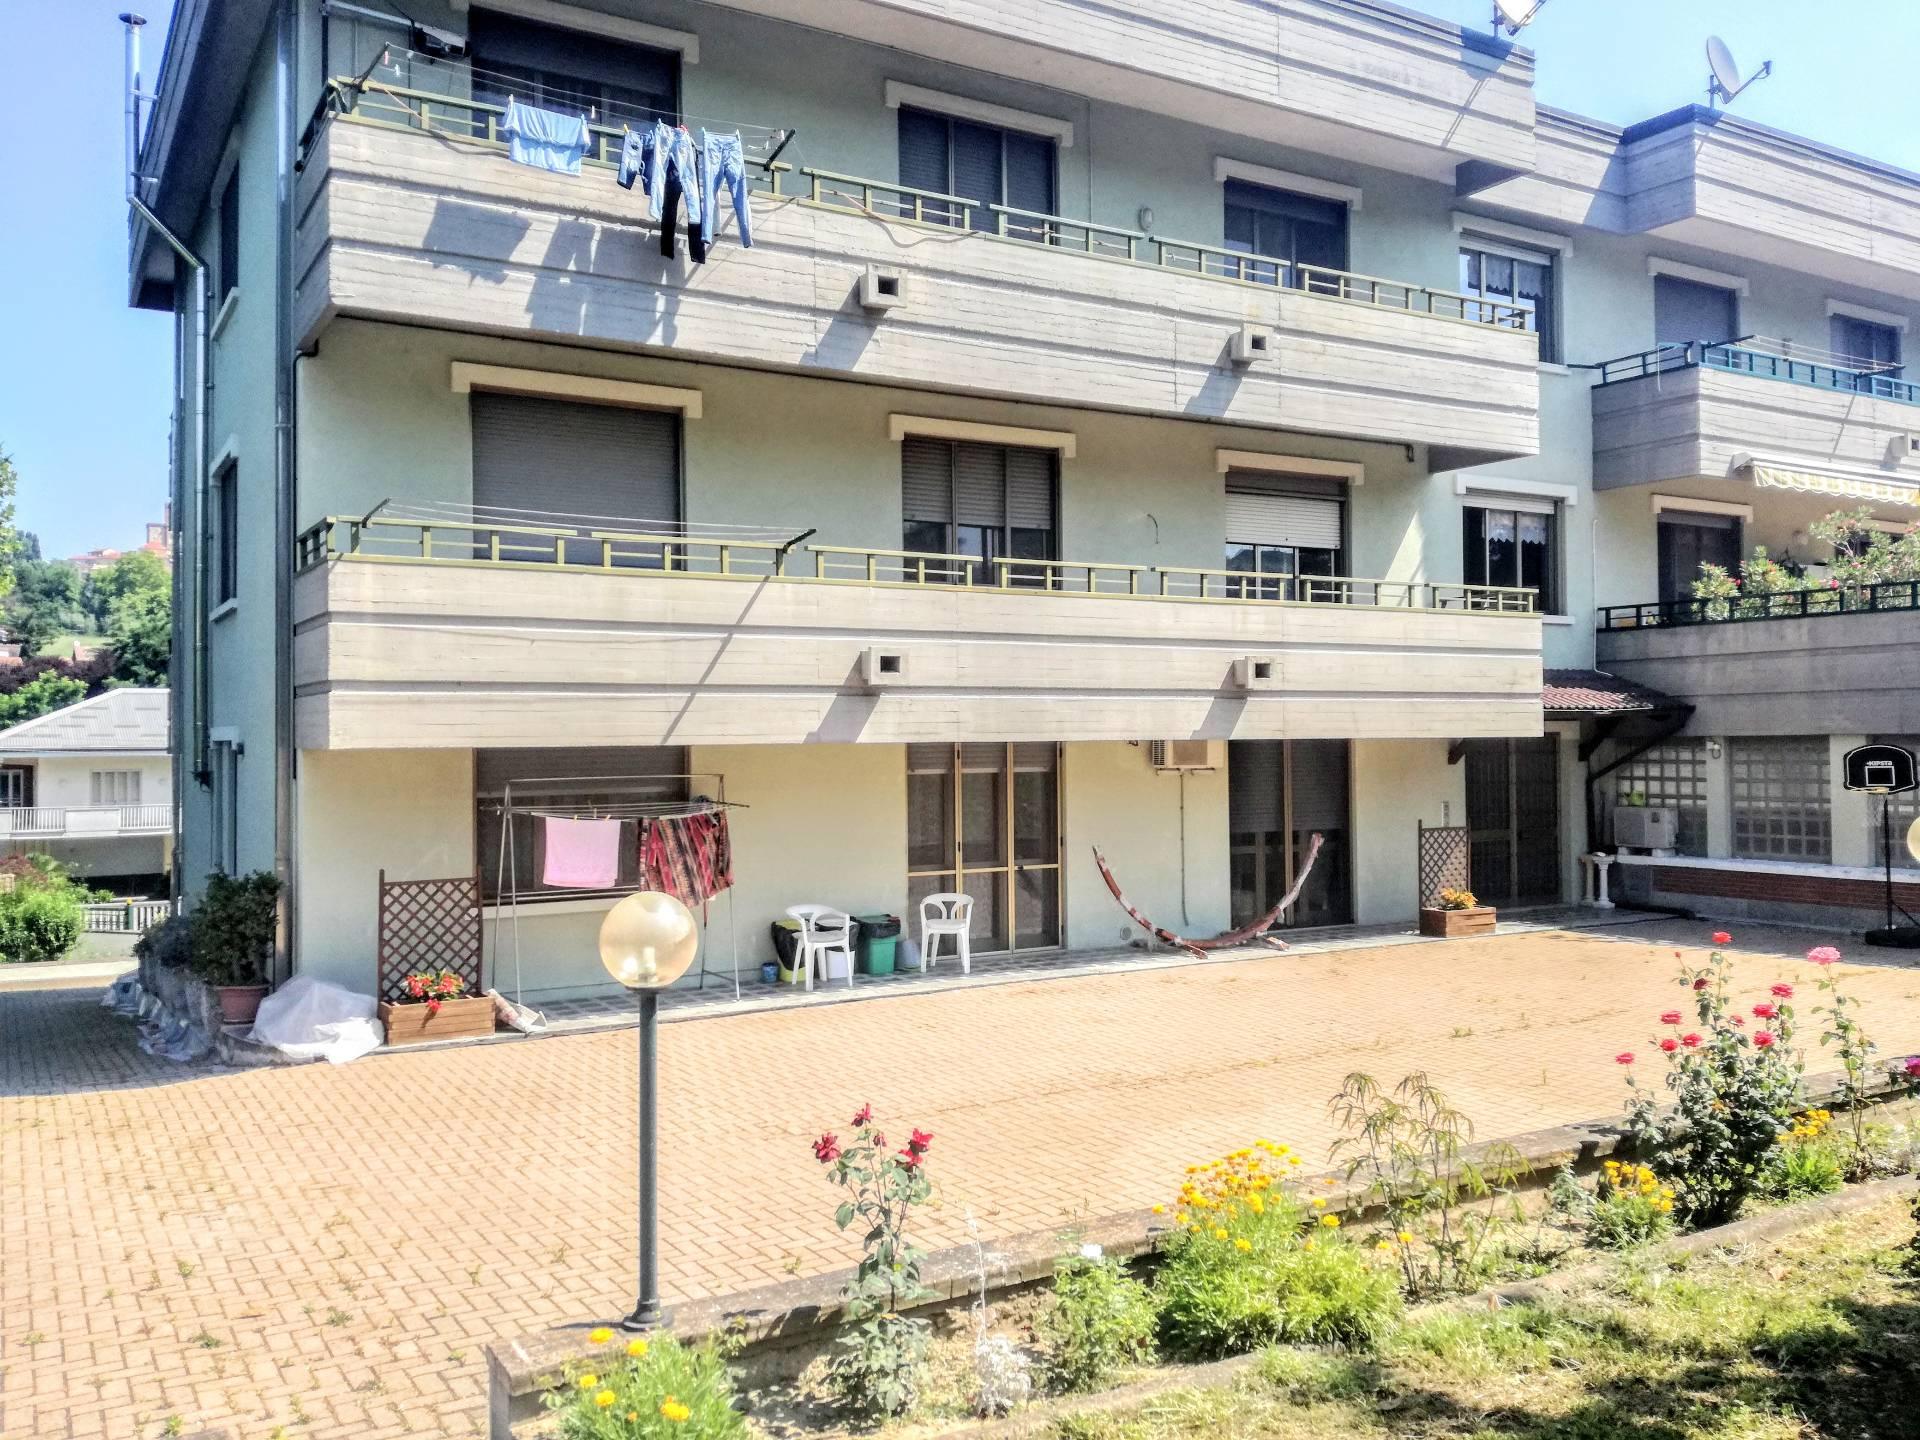 Appartamento in vendita a San Giorgio Monferrato, 3 locali, zona Zona: Chiabotto, prezzo € 60.000 | CambioCasa.it